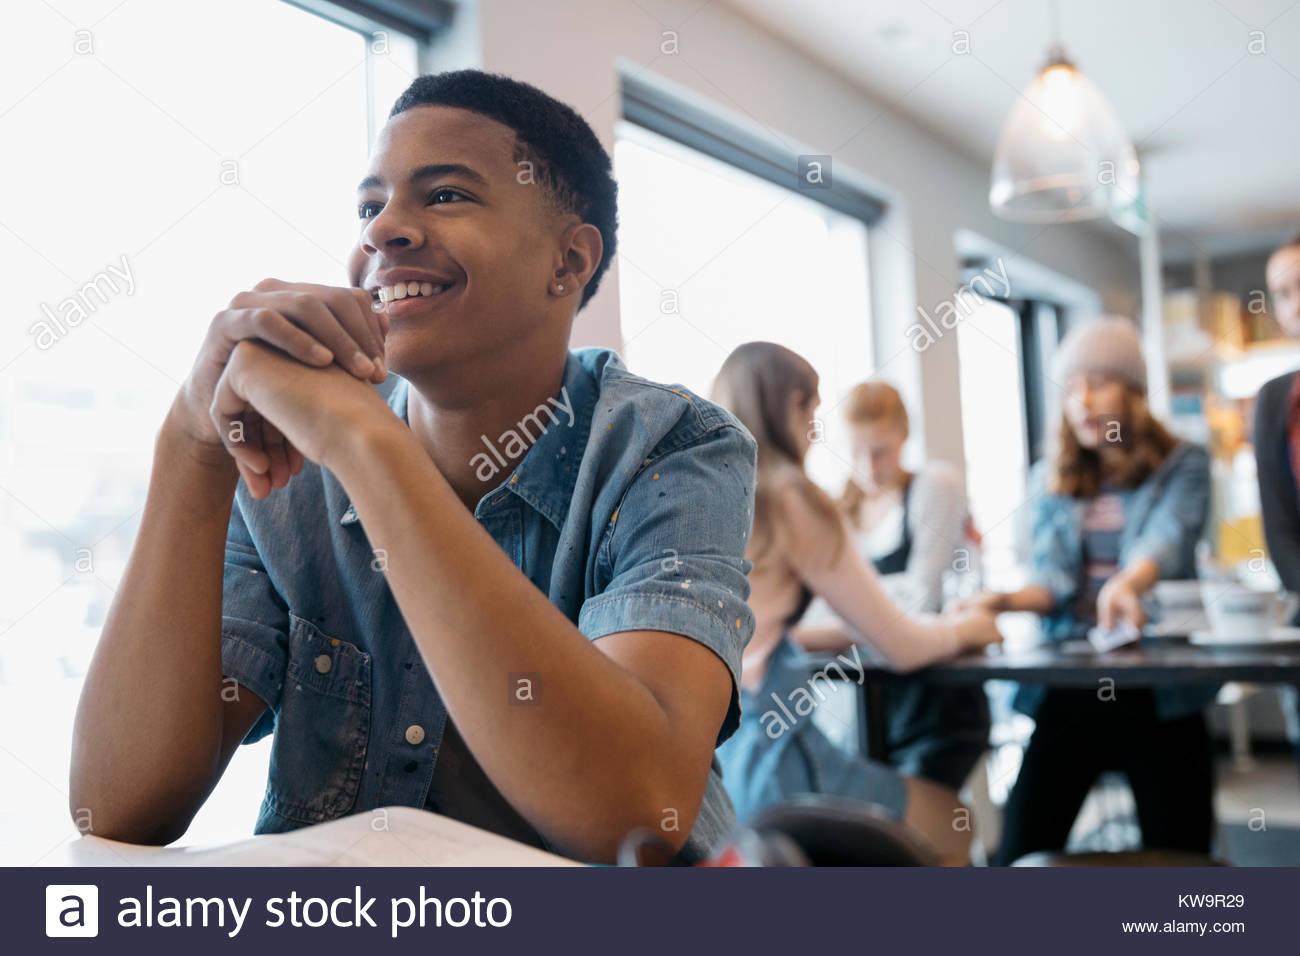 Sonriendo,confianza high school americano africano joven estudiante en cafe Imagen De Stock